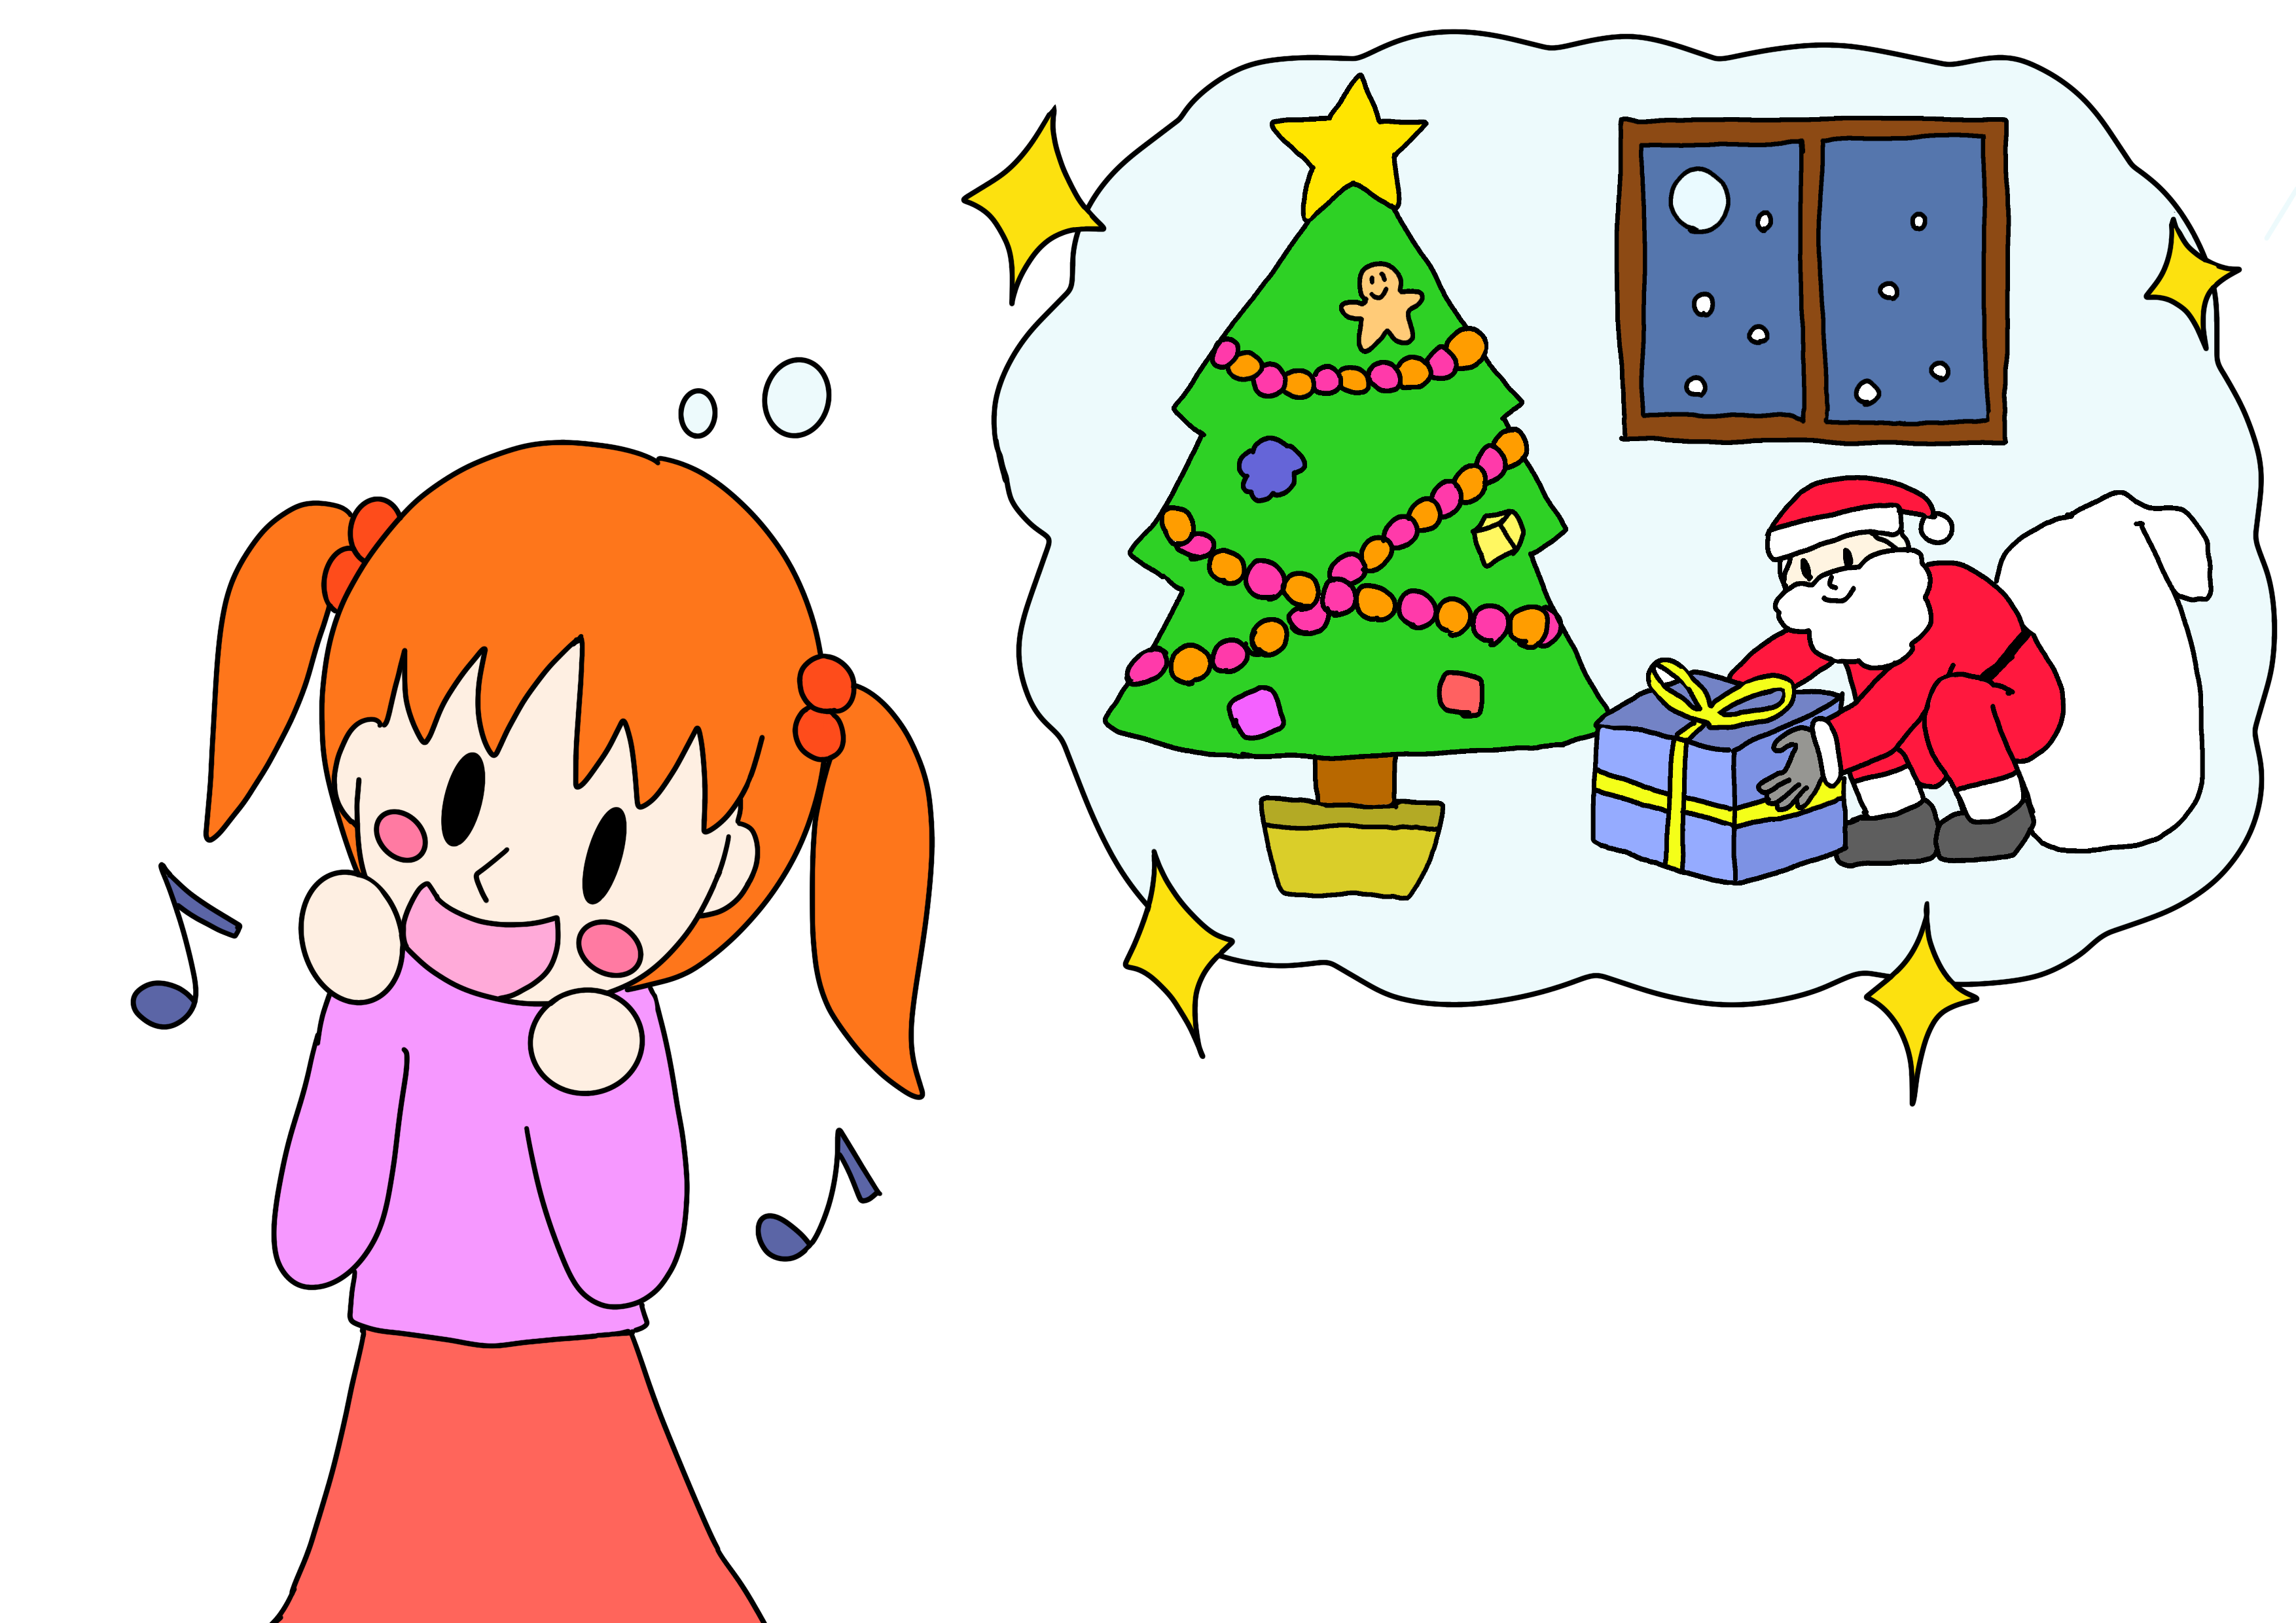 45課イラスト【サンタさんを信じる】